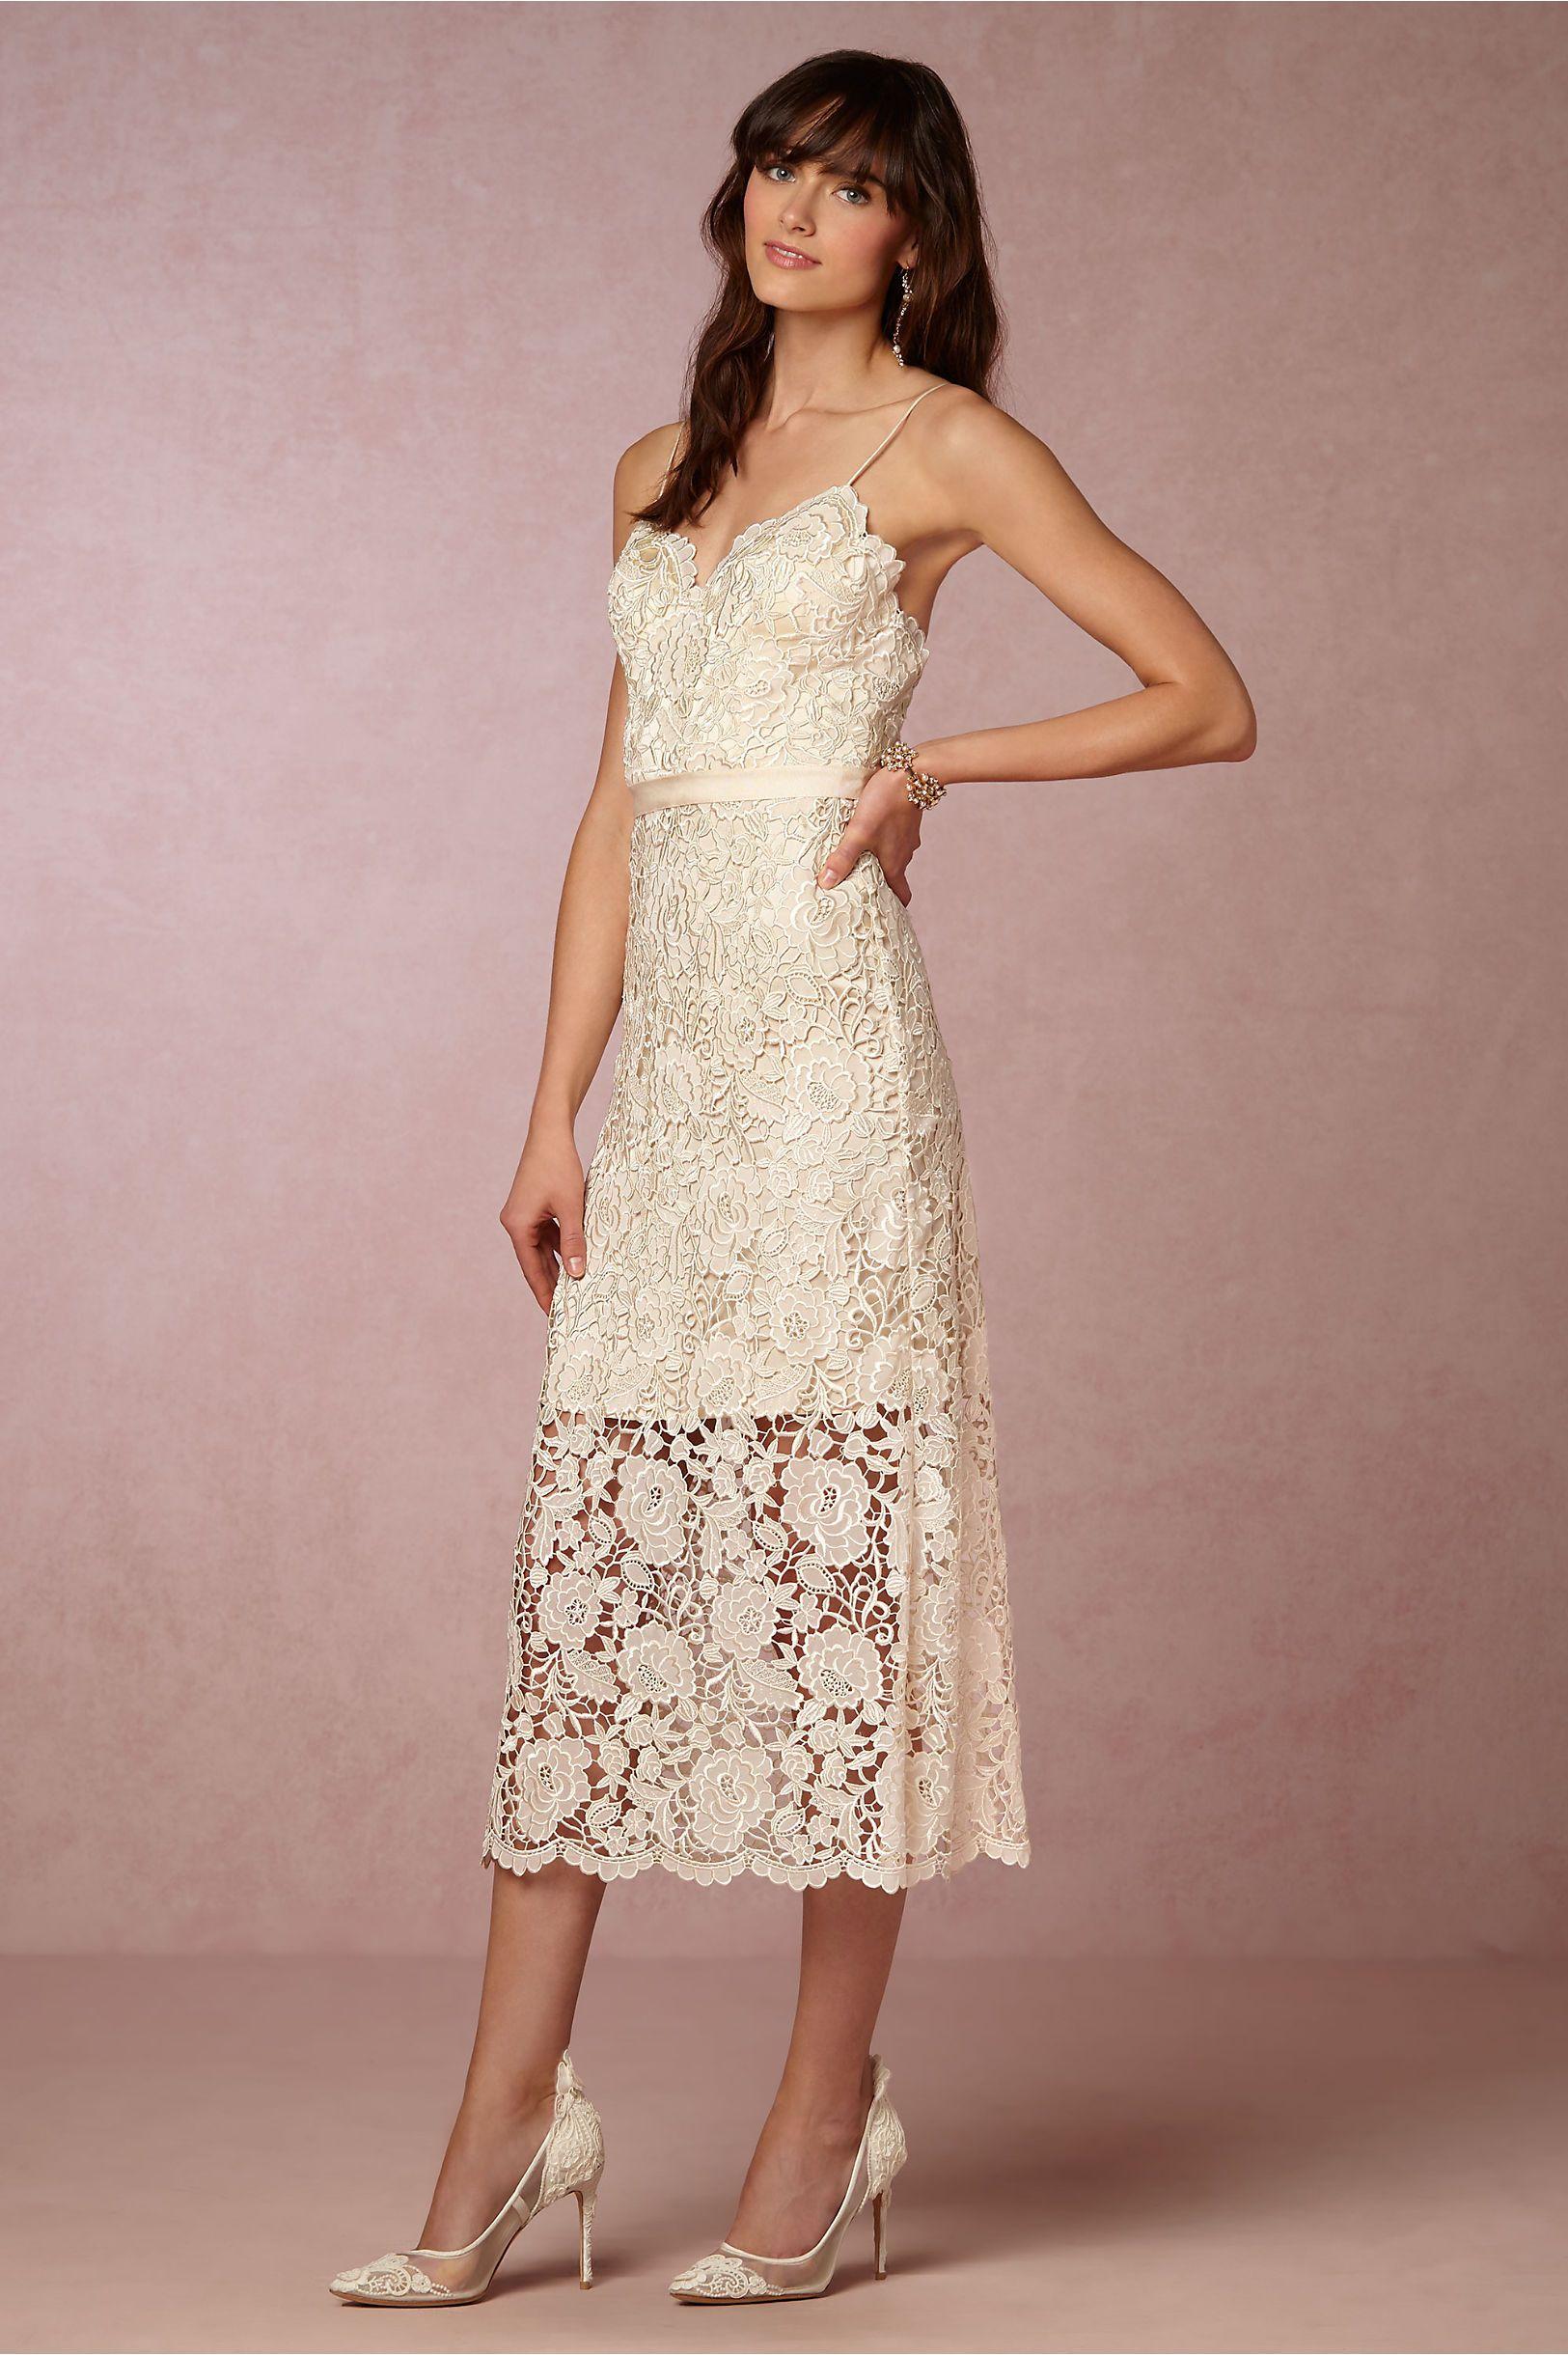 BHLDN Halo Dress in New Dresses at BHLDN | Little White Dress ...